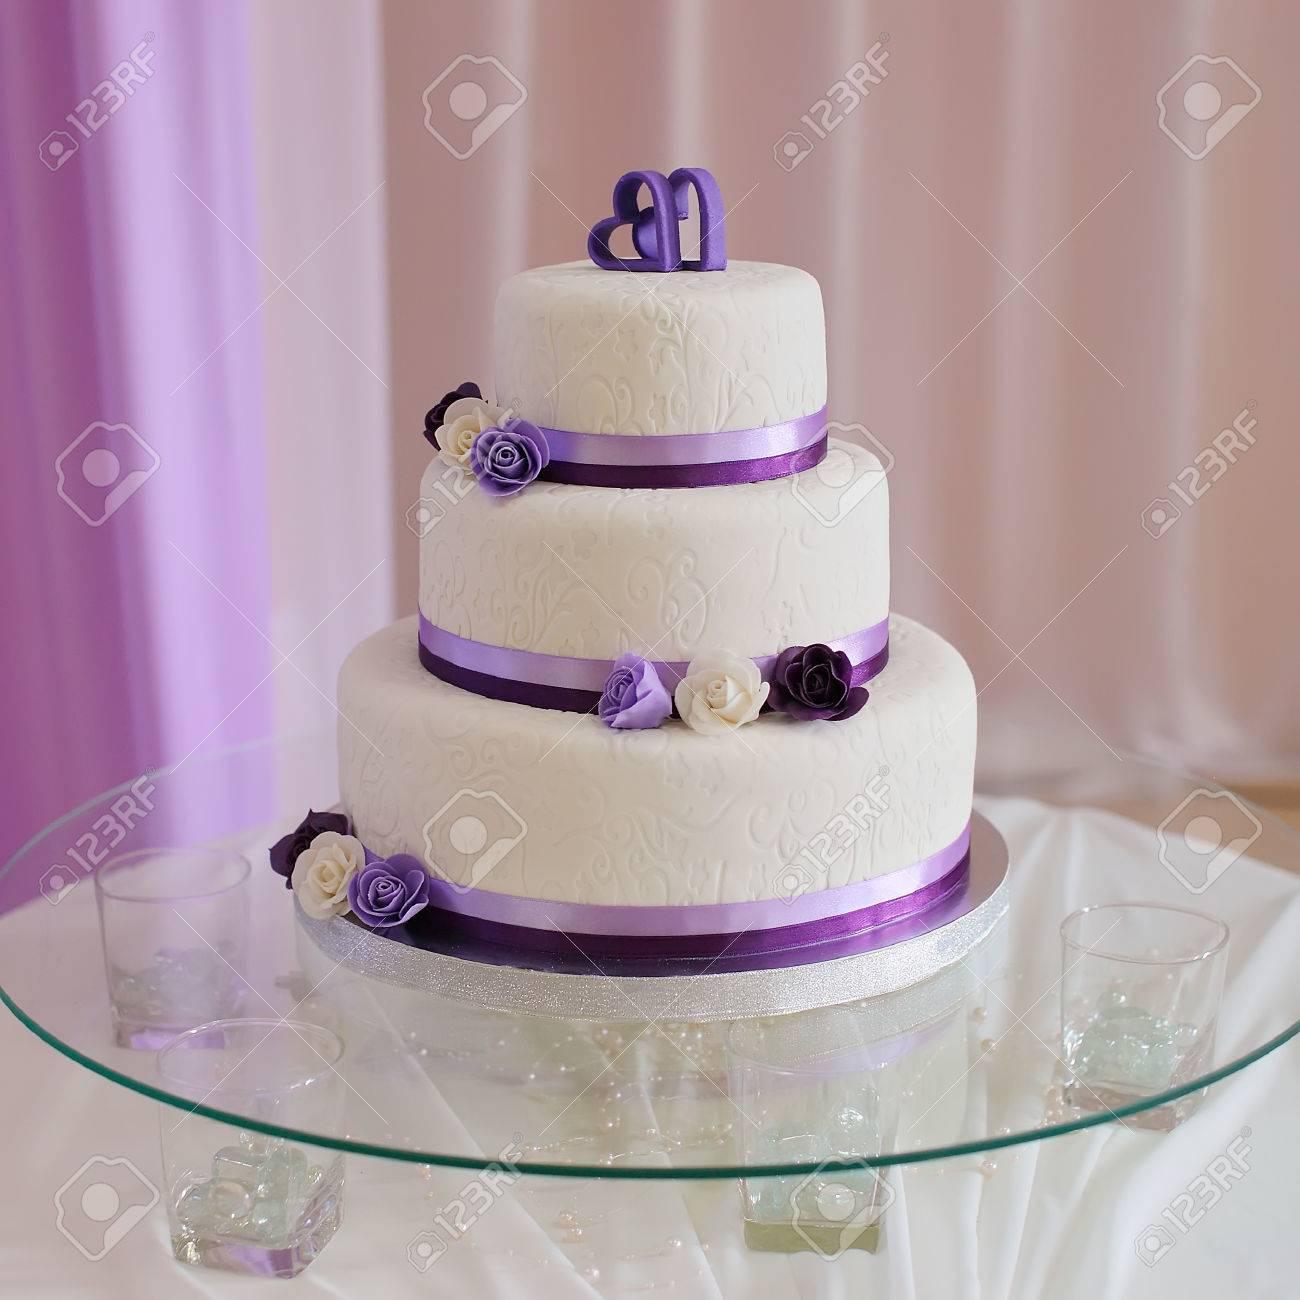 Weiße Hochzeitstorte Mit Lila Blumendetail Lizenzfreie Fotos Bilder